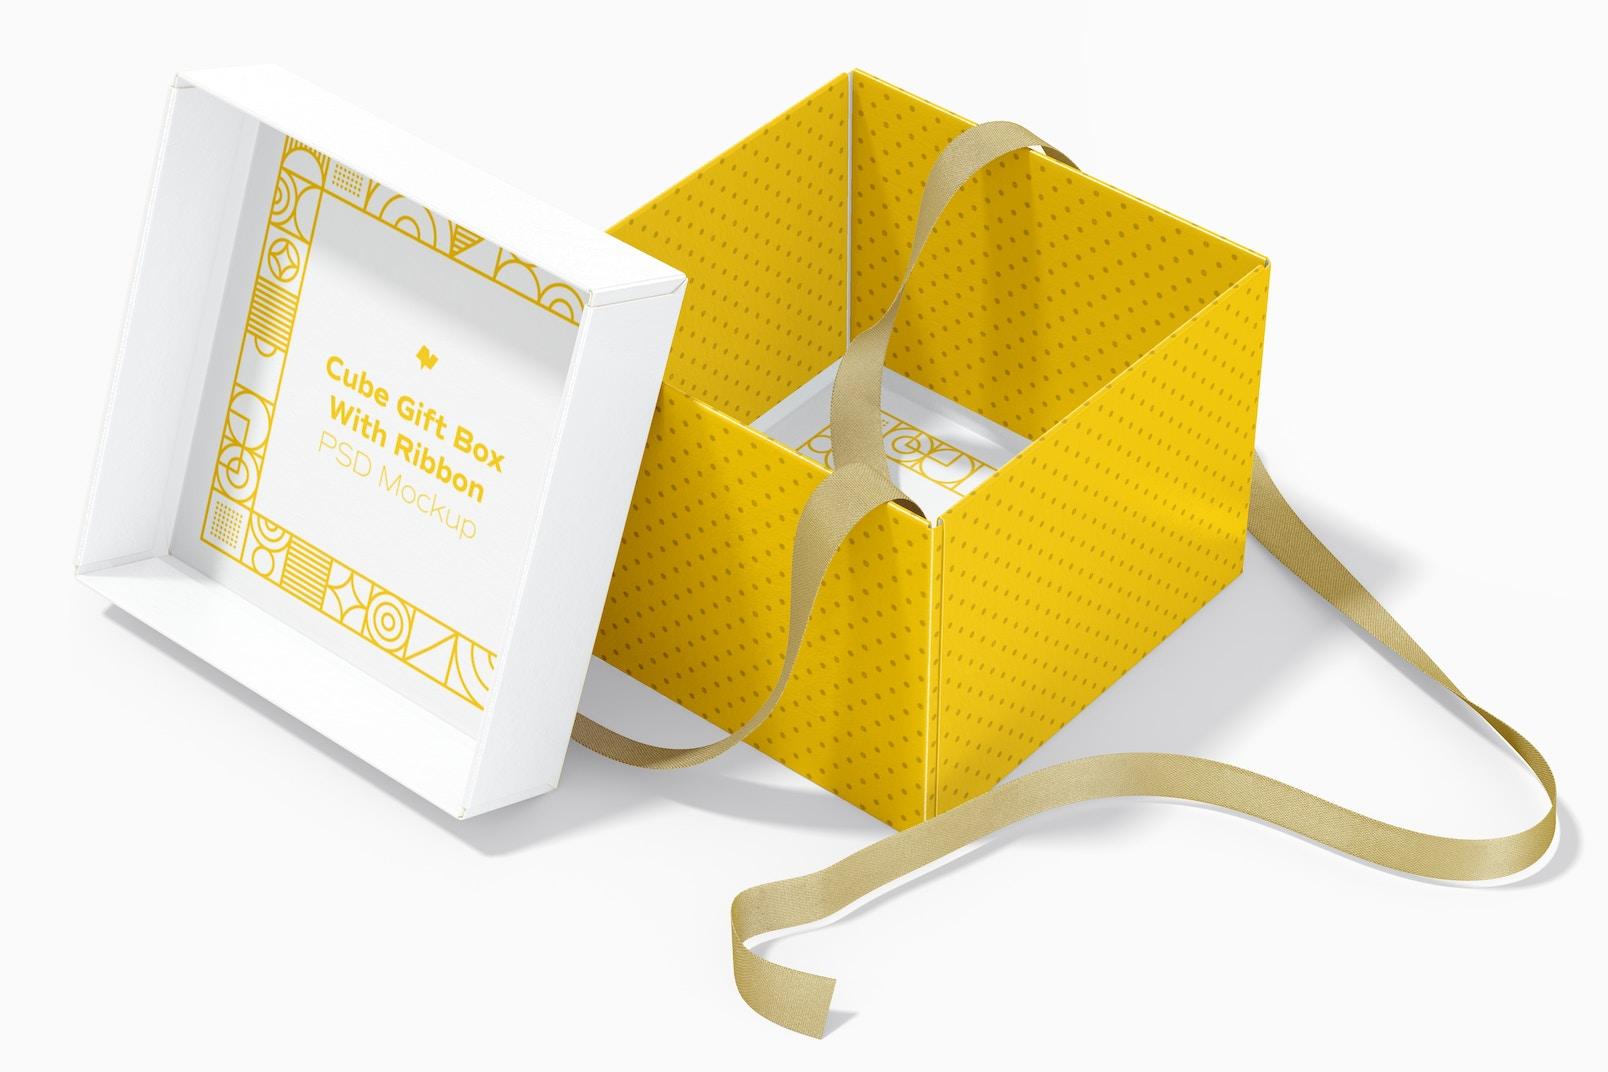 Cube Gift Box With Ribbon Mockup, Interior View